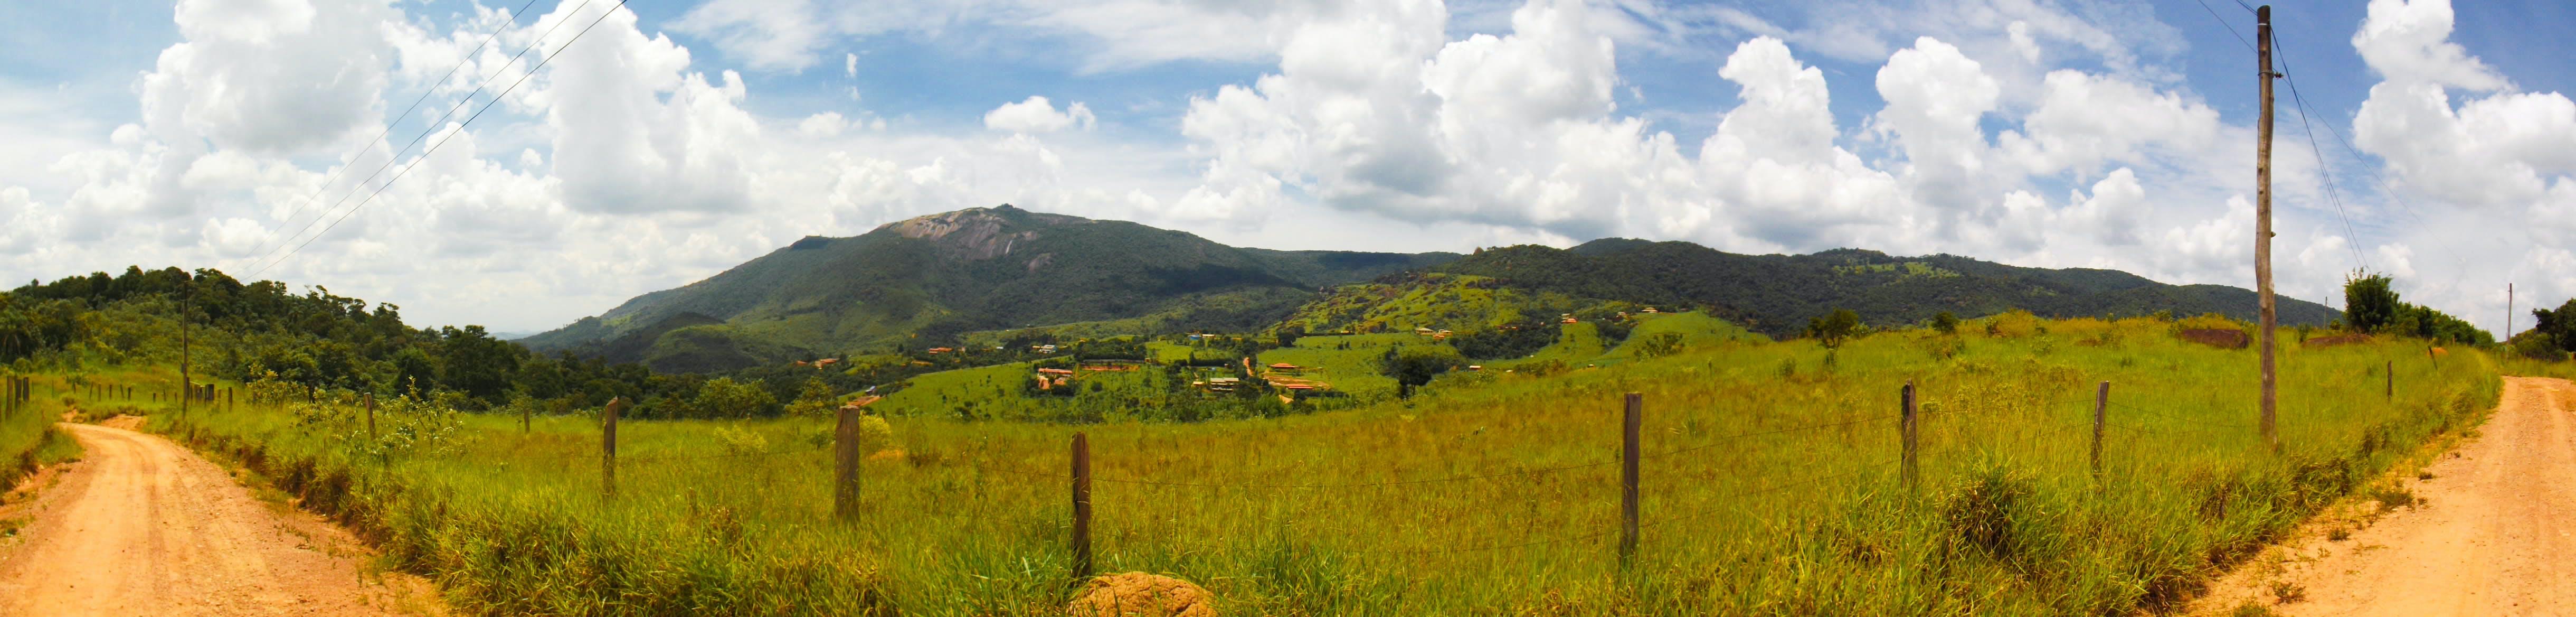 Free stock photo of mountain, way, ways